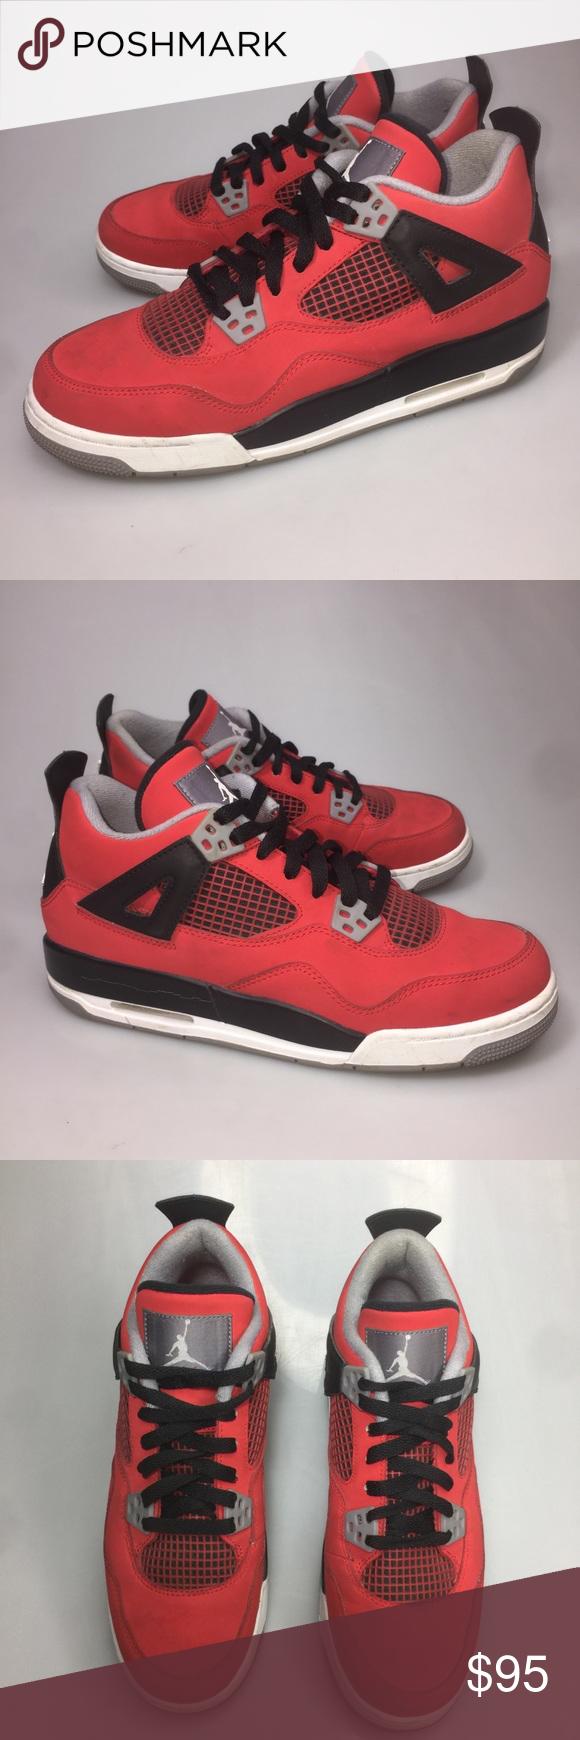 40ac28f654e0 Nike Air Jordan Retro 4 Toro Bravo 7Y Women 8.5 Nike Air Jordan Retro 4 Toro